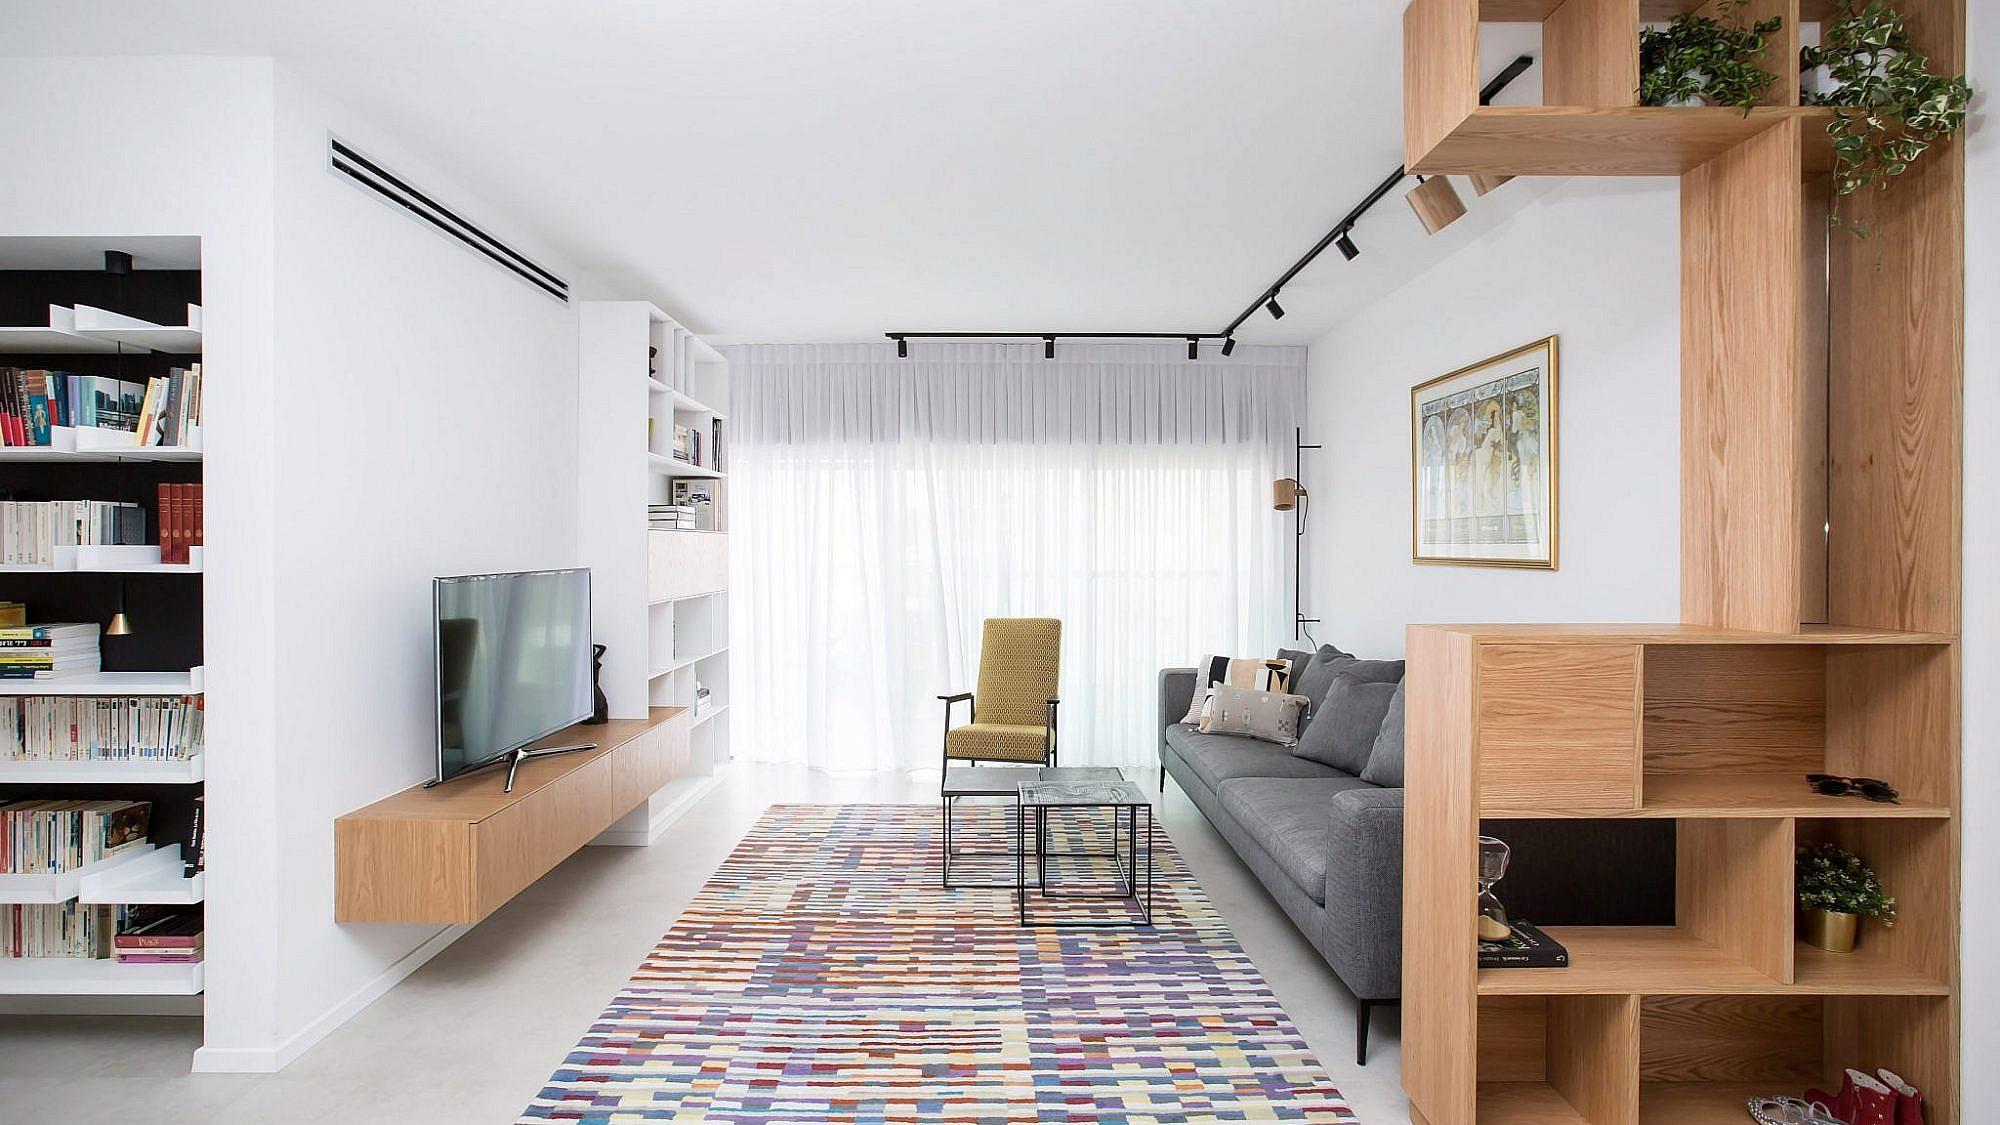 עיצוב פנים: כך הפכה דירה עייפה בתל אביב לפנינה משפחתית